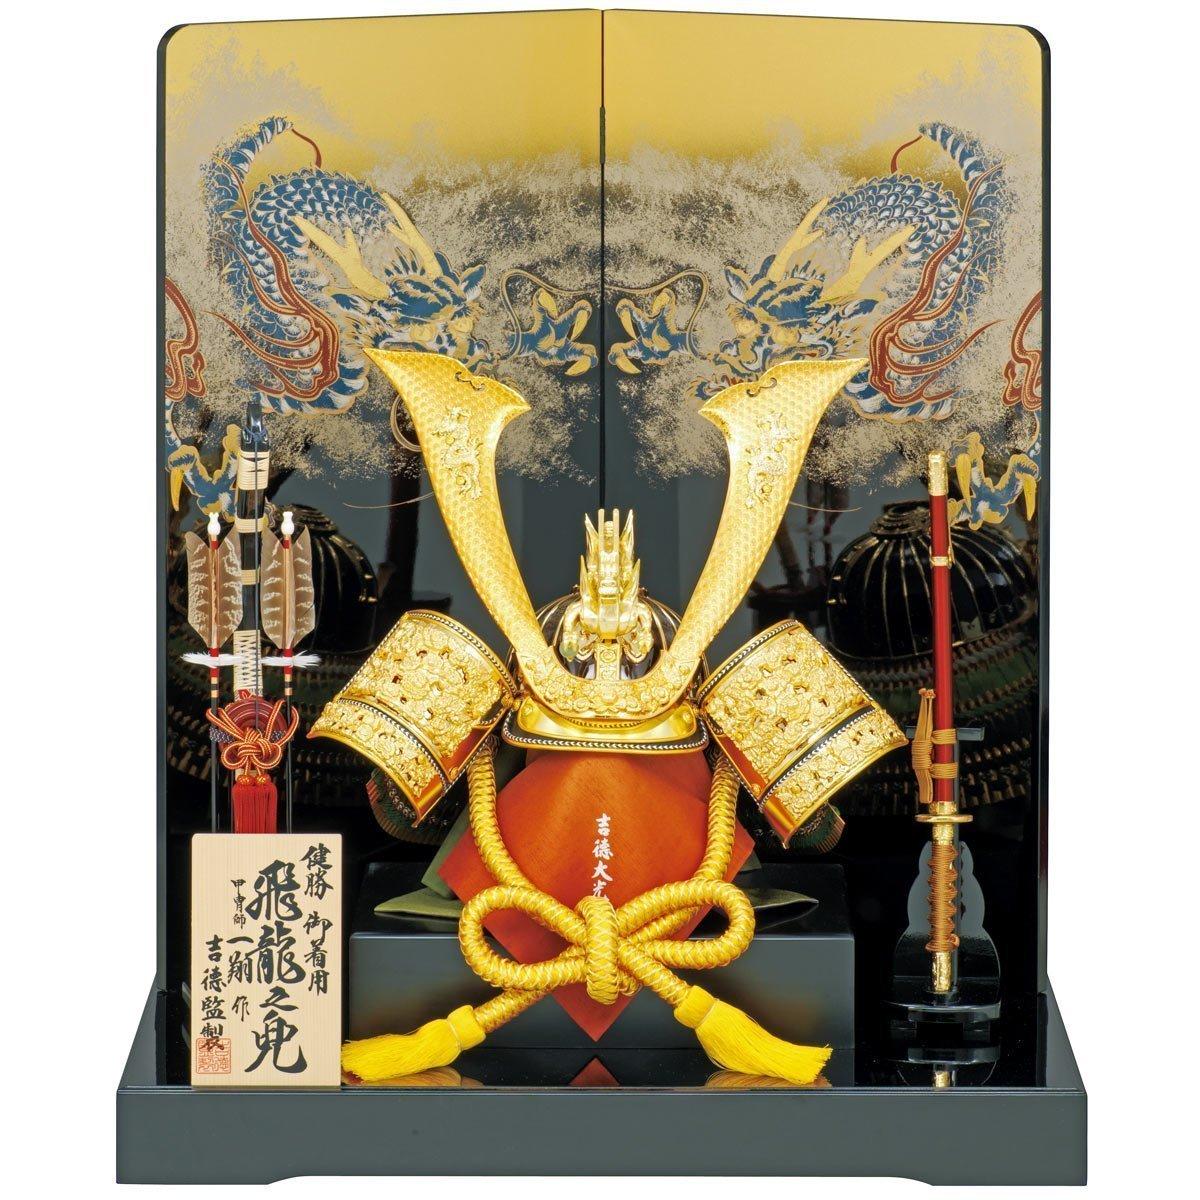 吉徳大光 五月人形 兜飾り 飛龍之25号 横幅75×奥行55×高さ85 cm 13yos-536210 B00BYTONGS